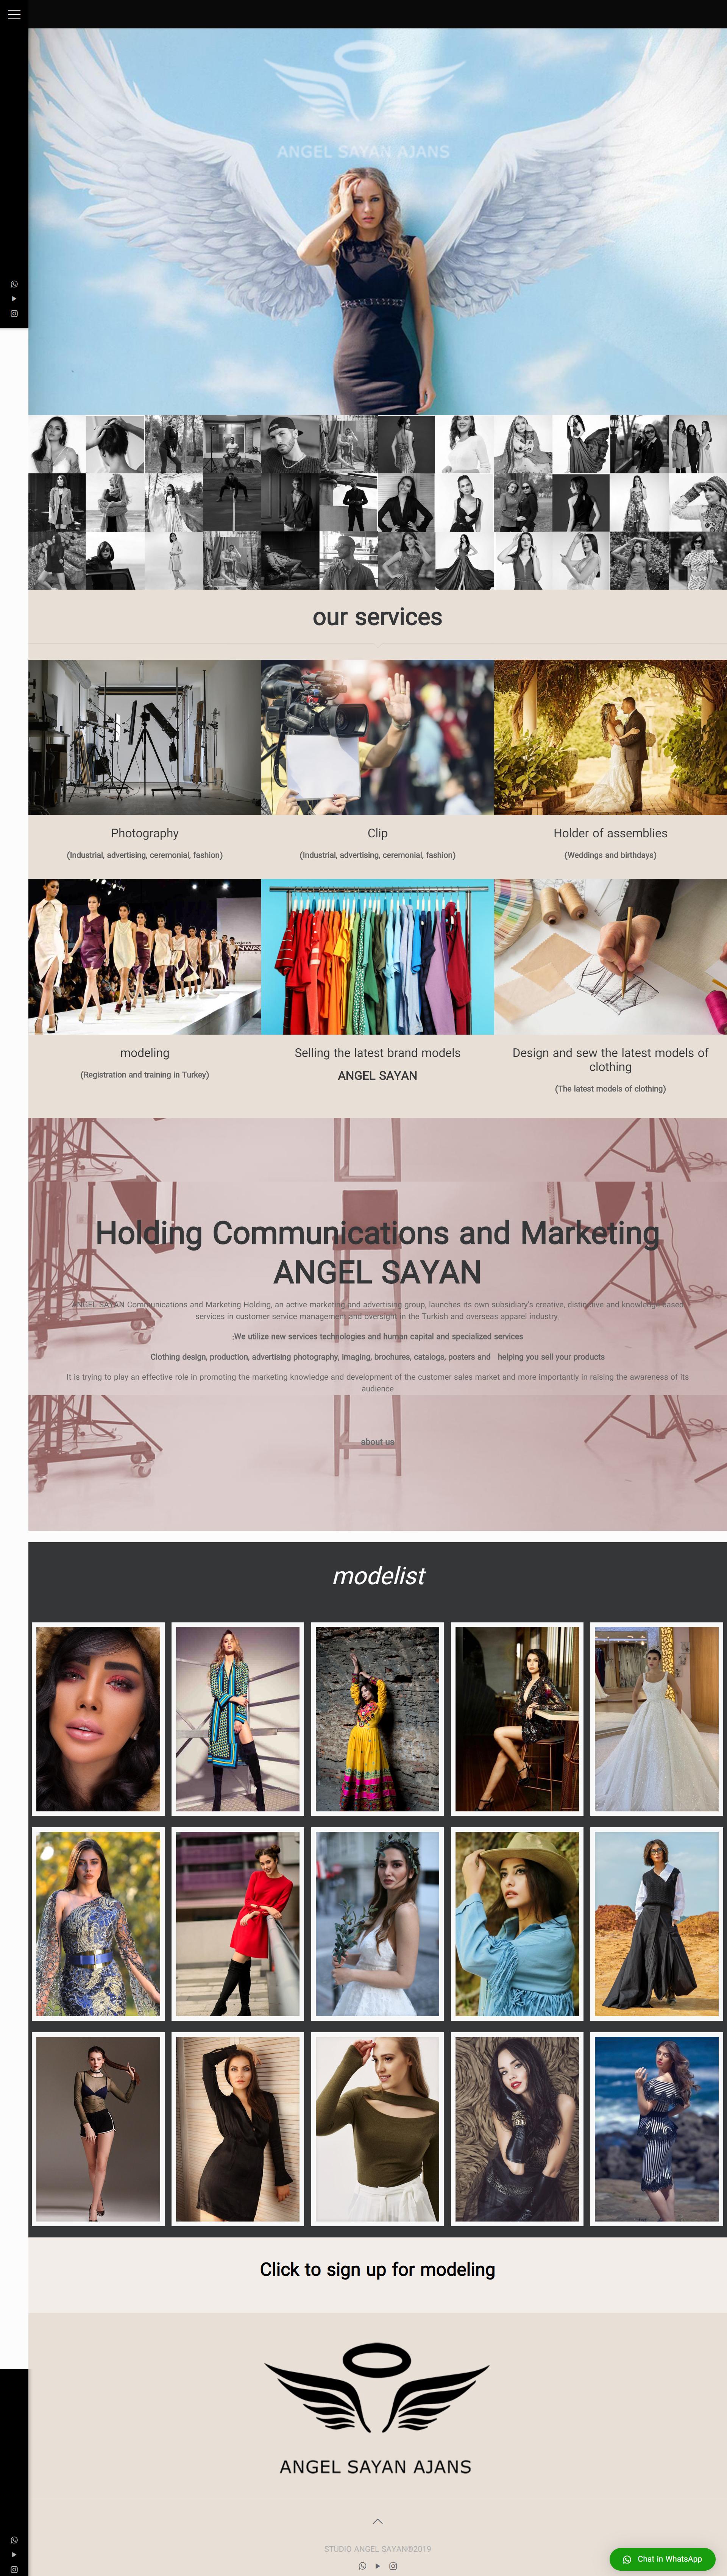 طراحی سایت مدلینگ